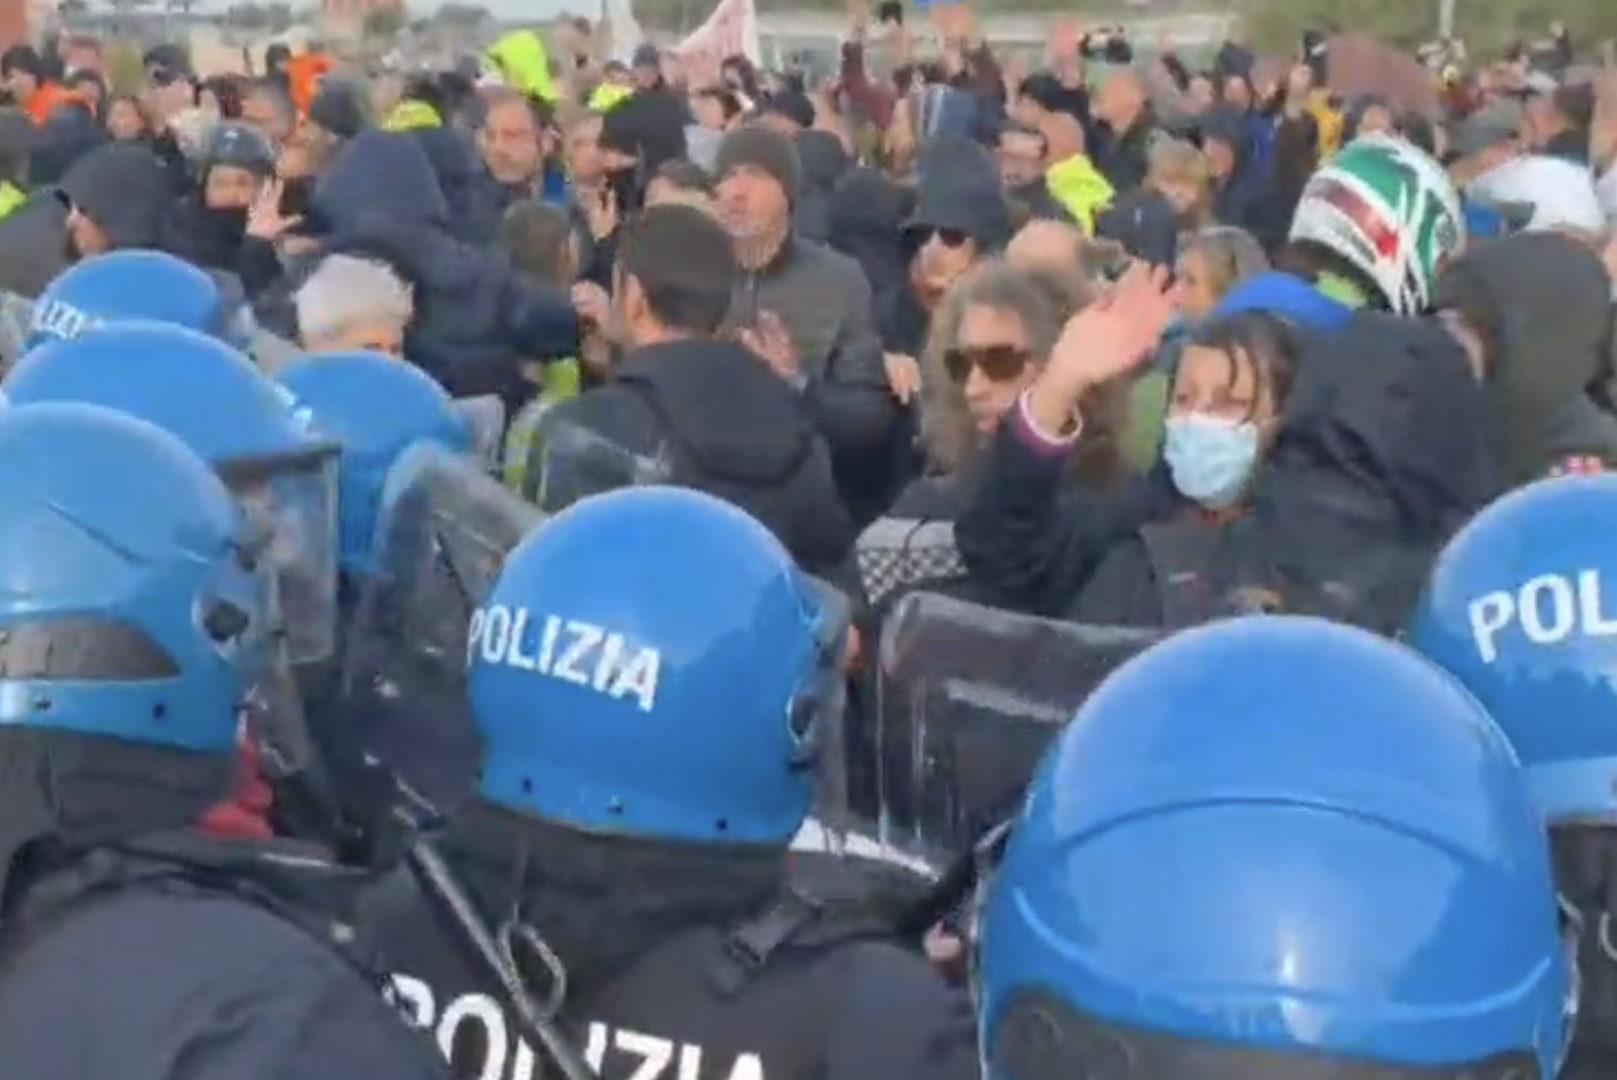 Sgombero del porto e protesta a Trieste. I fatti di lunedì